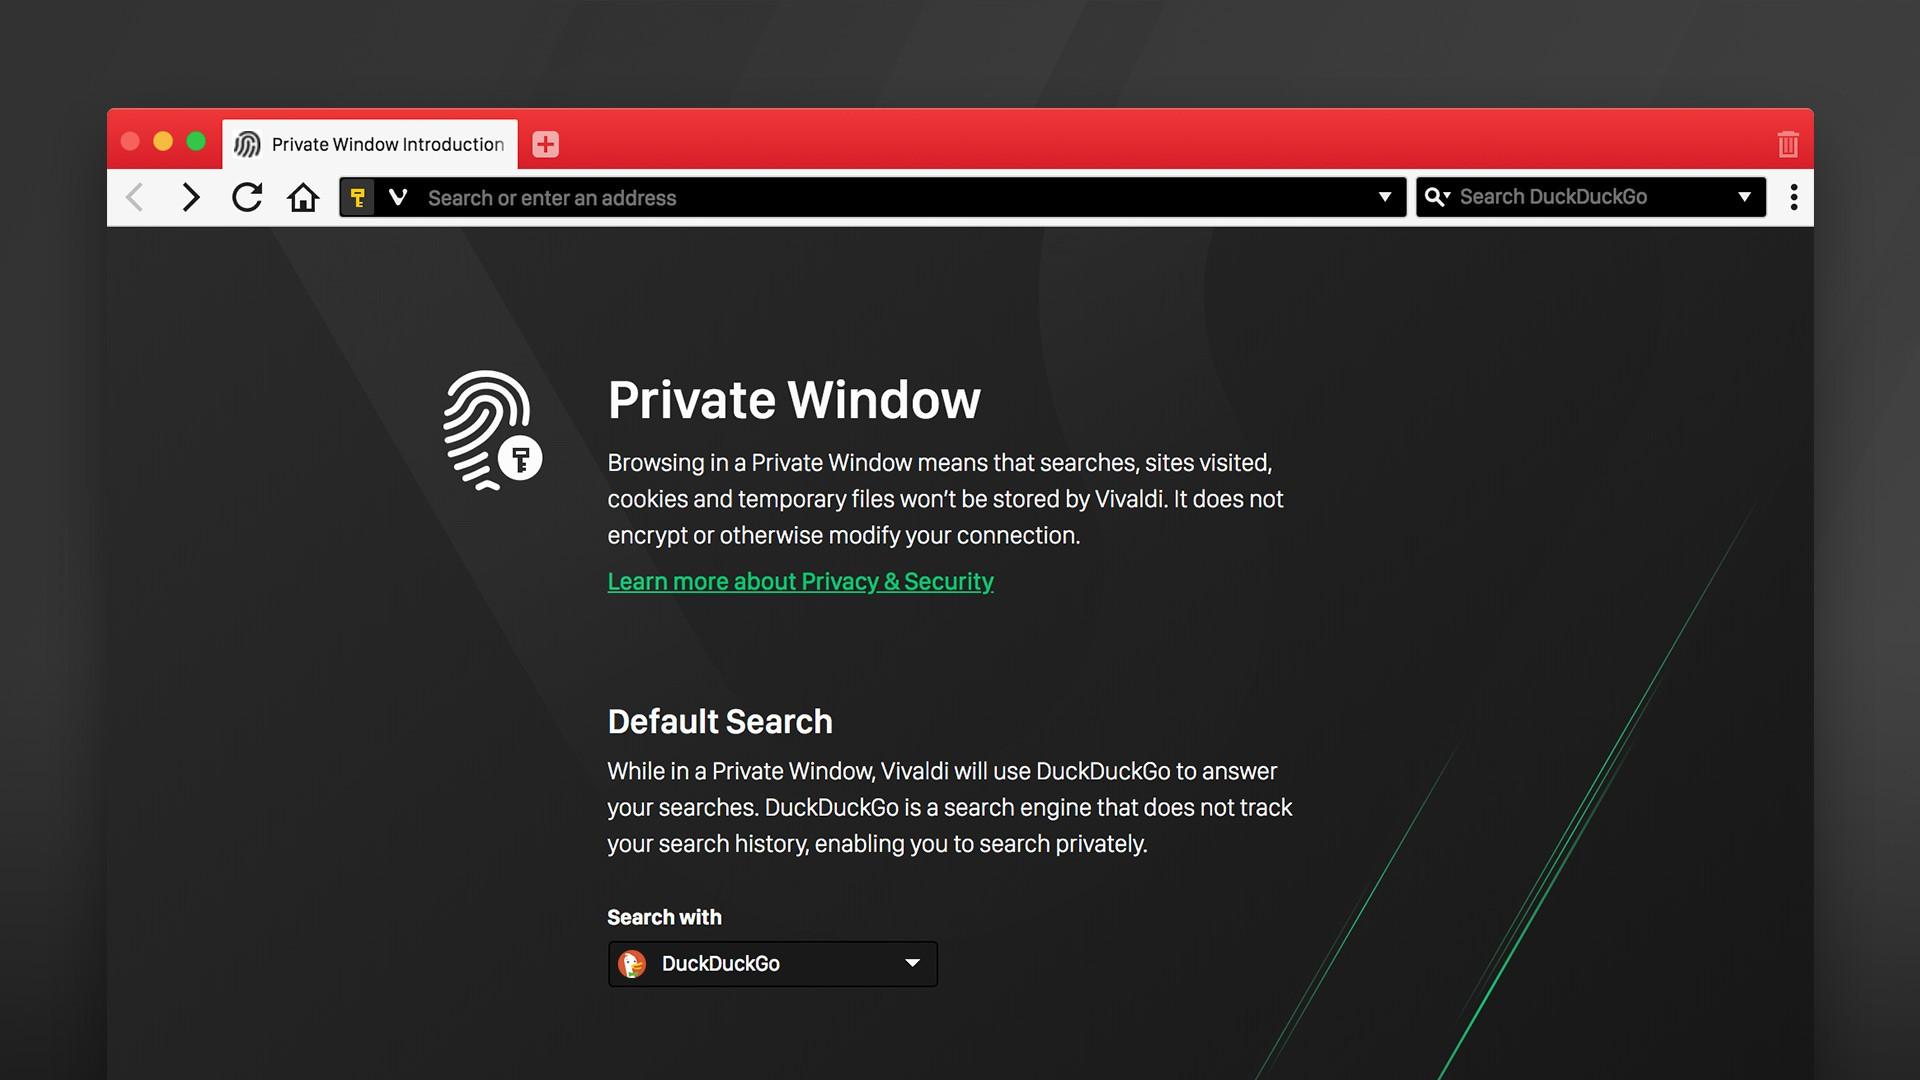 duckduckgo privacy browser windows Windows